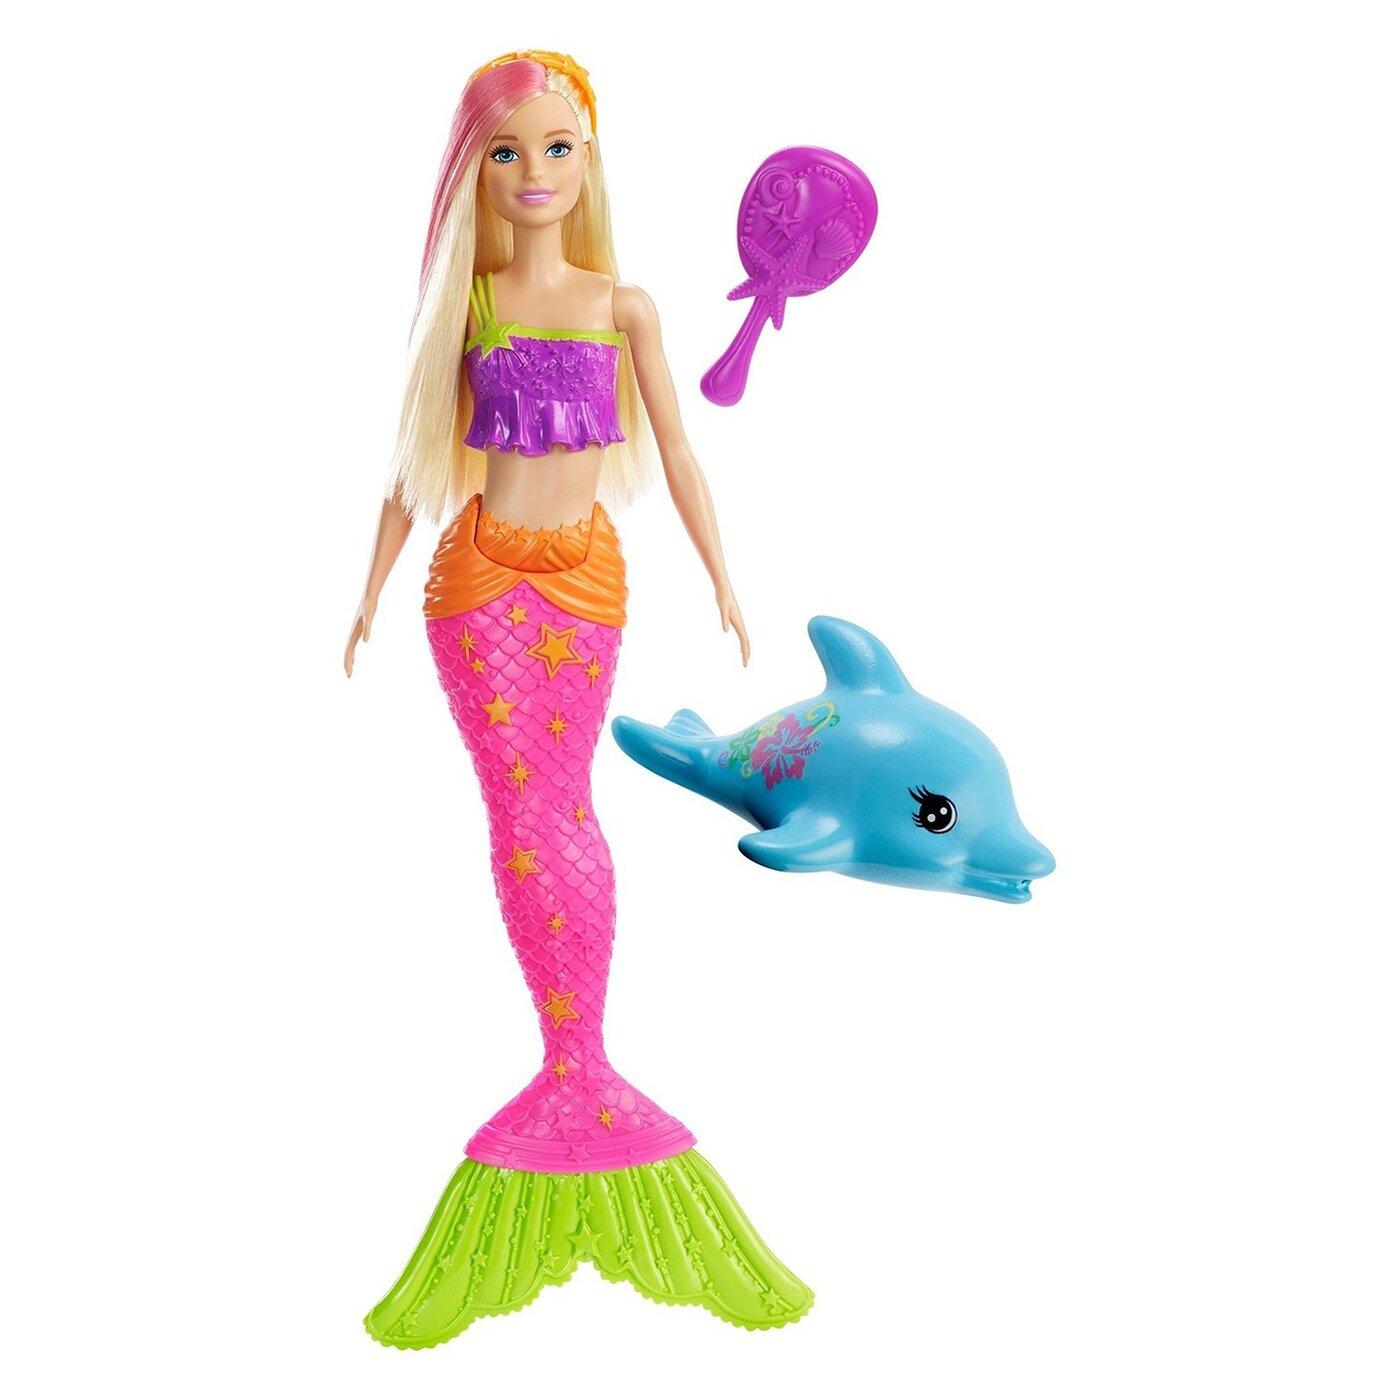 Фотки русалки куклы барби пожаловался, что